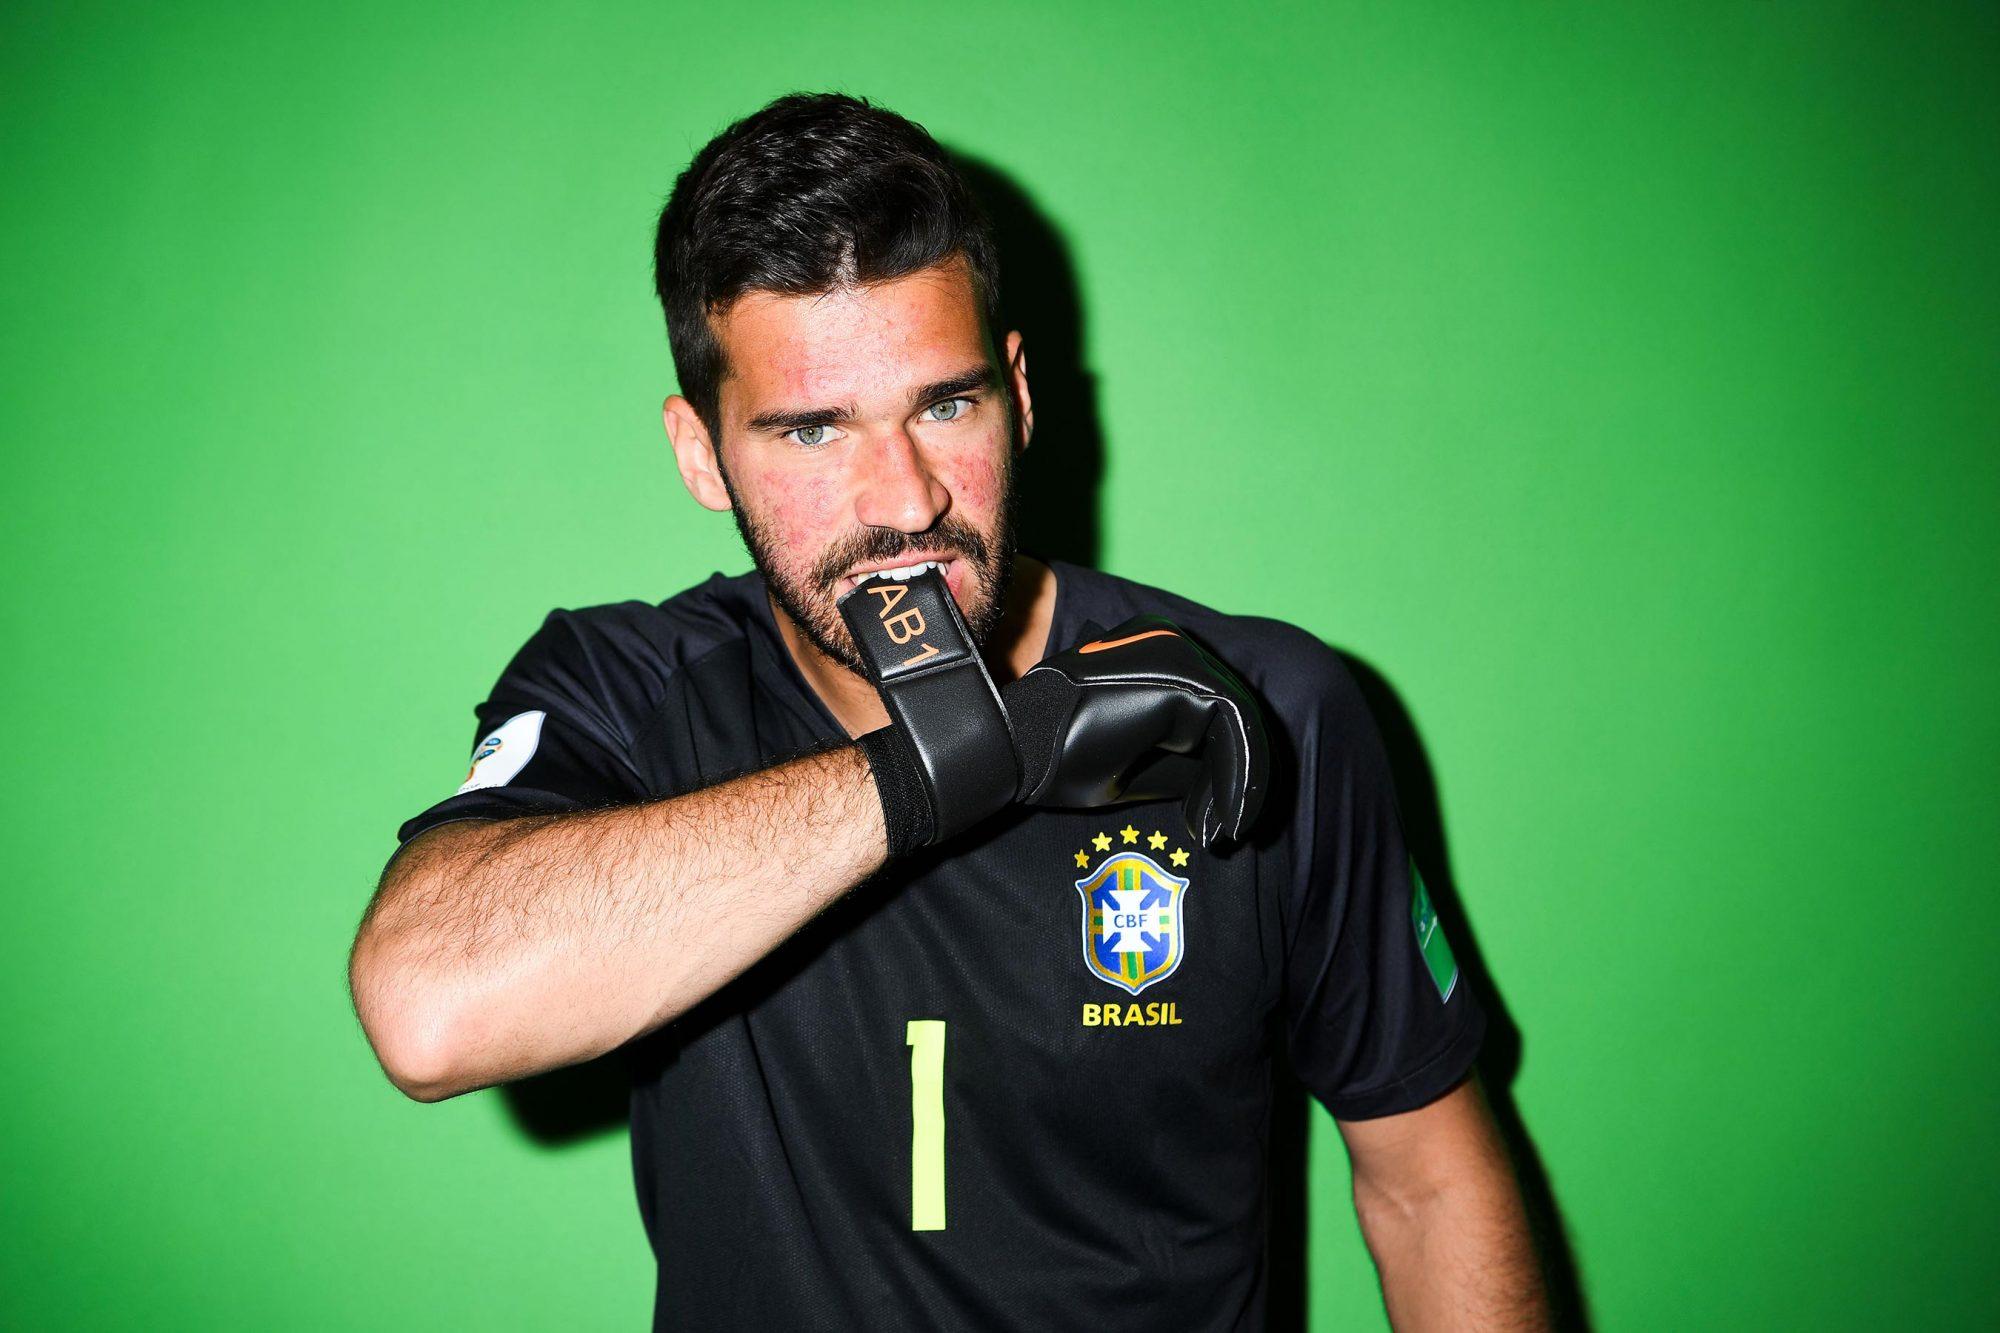 Brazil Portraits - 2018 FIFA World Cup Russia